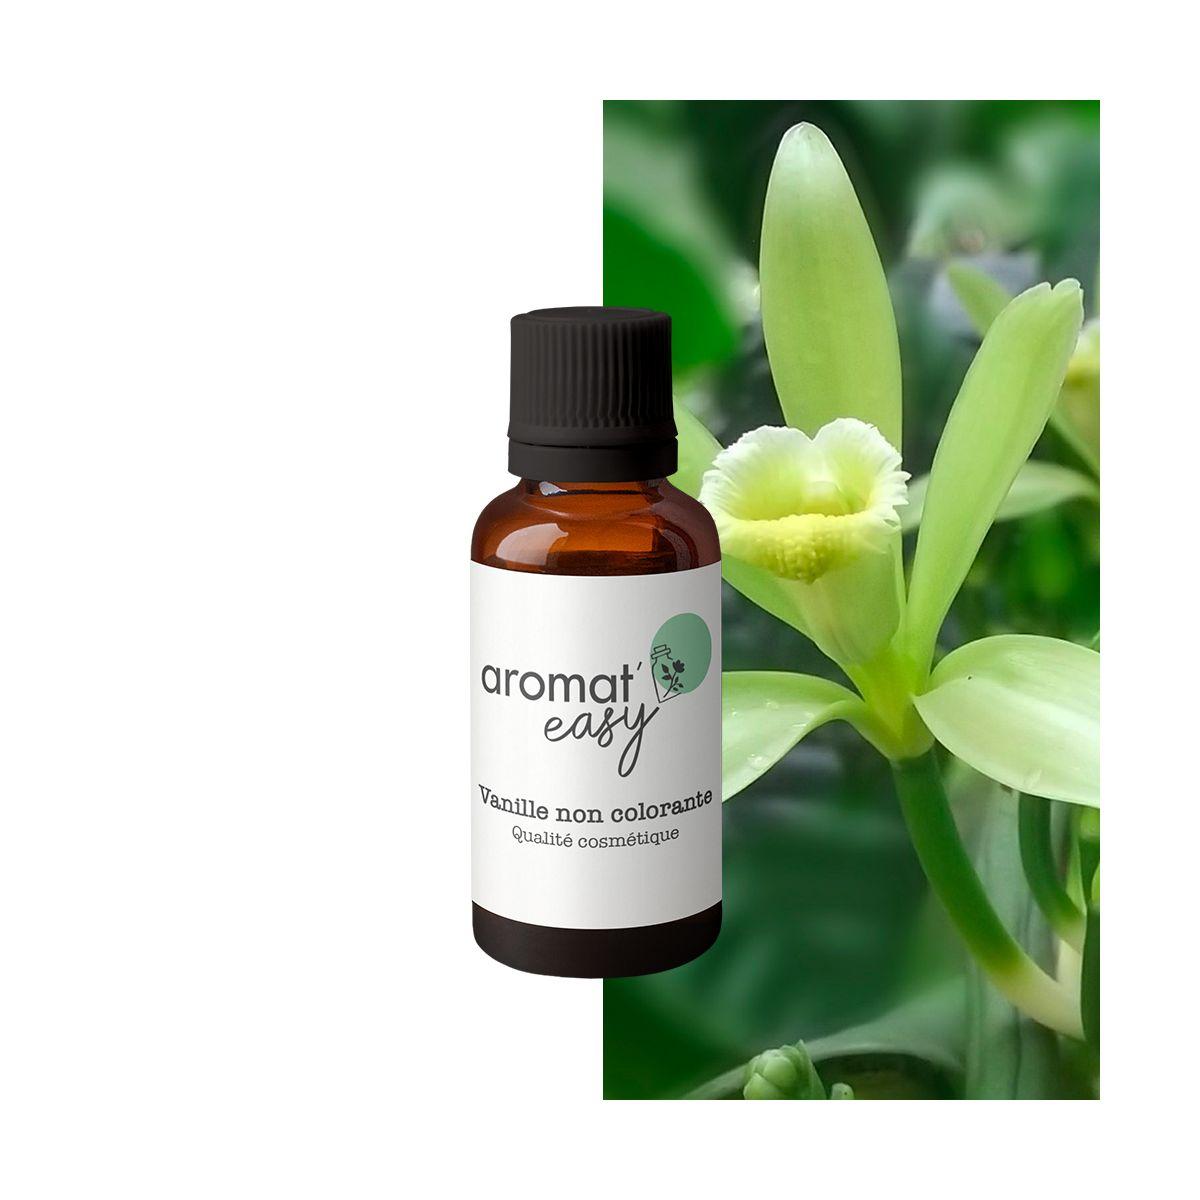 Fragrance Vanille non colorante